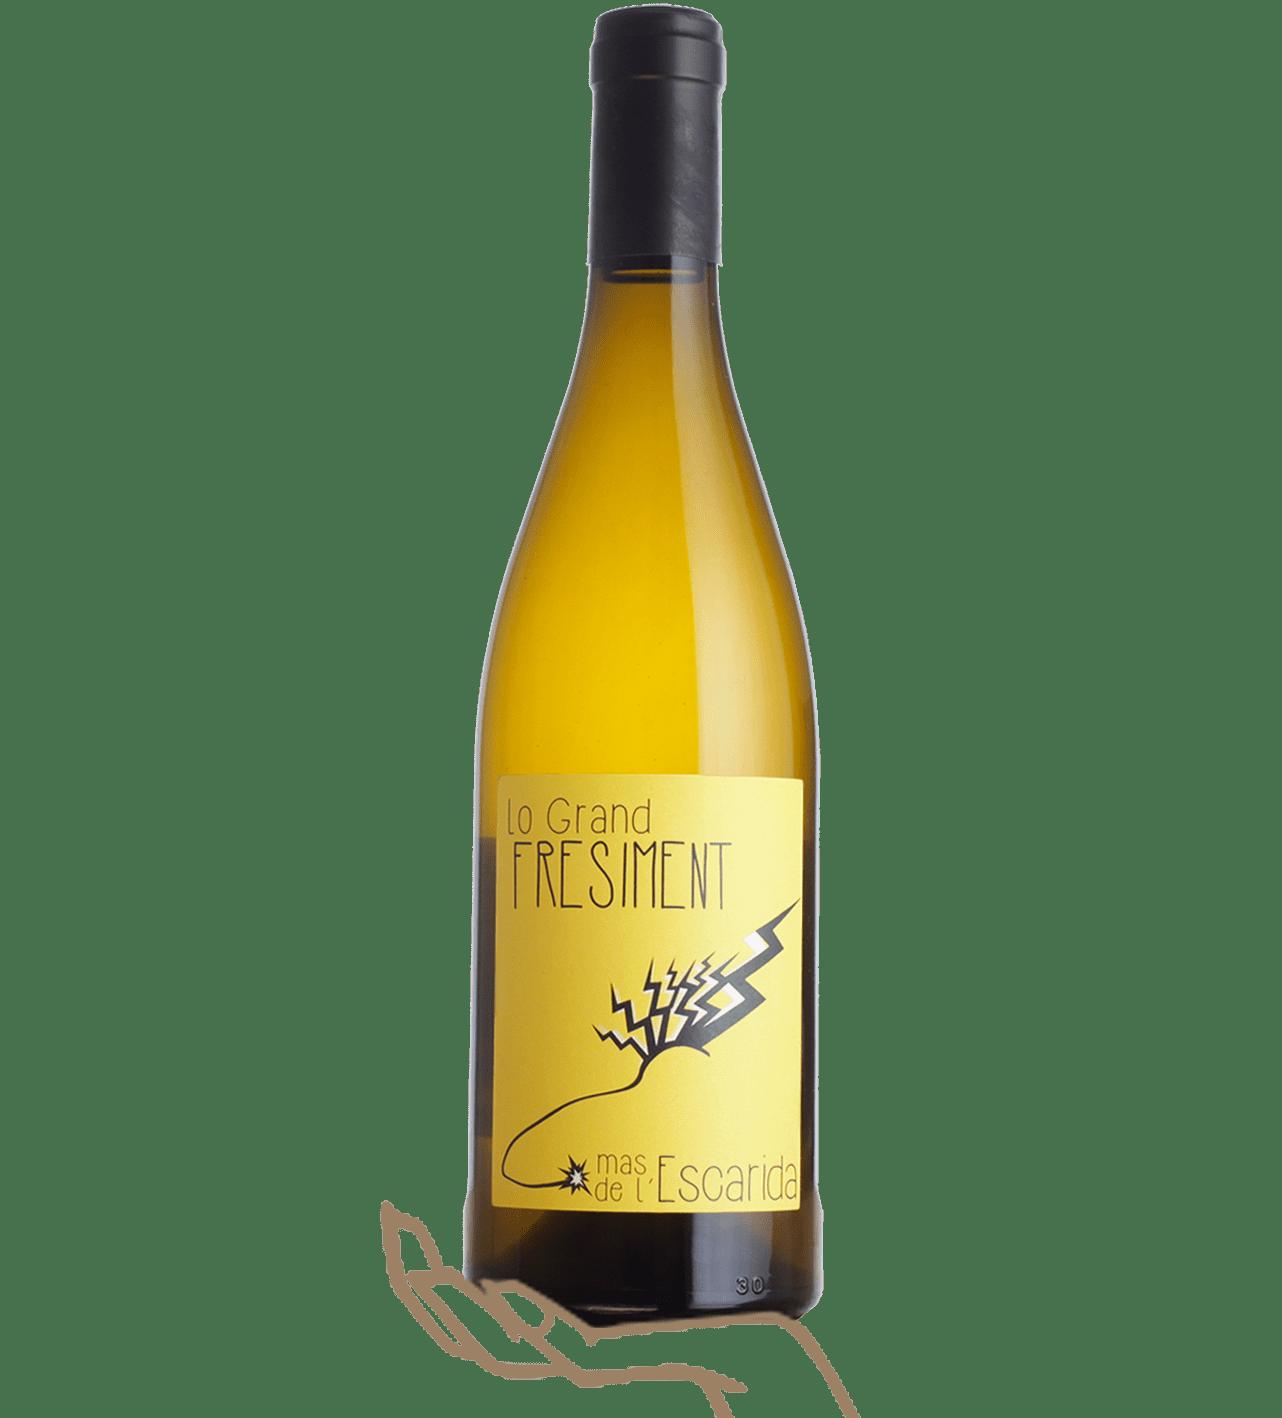 Lo Grand Fresiment du Mas de l'Escarida est un vin nature